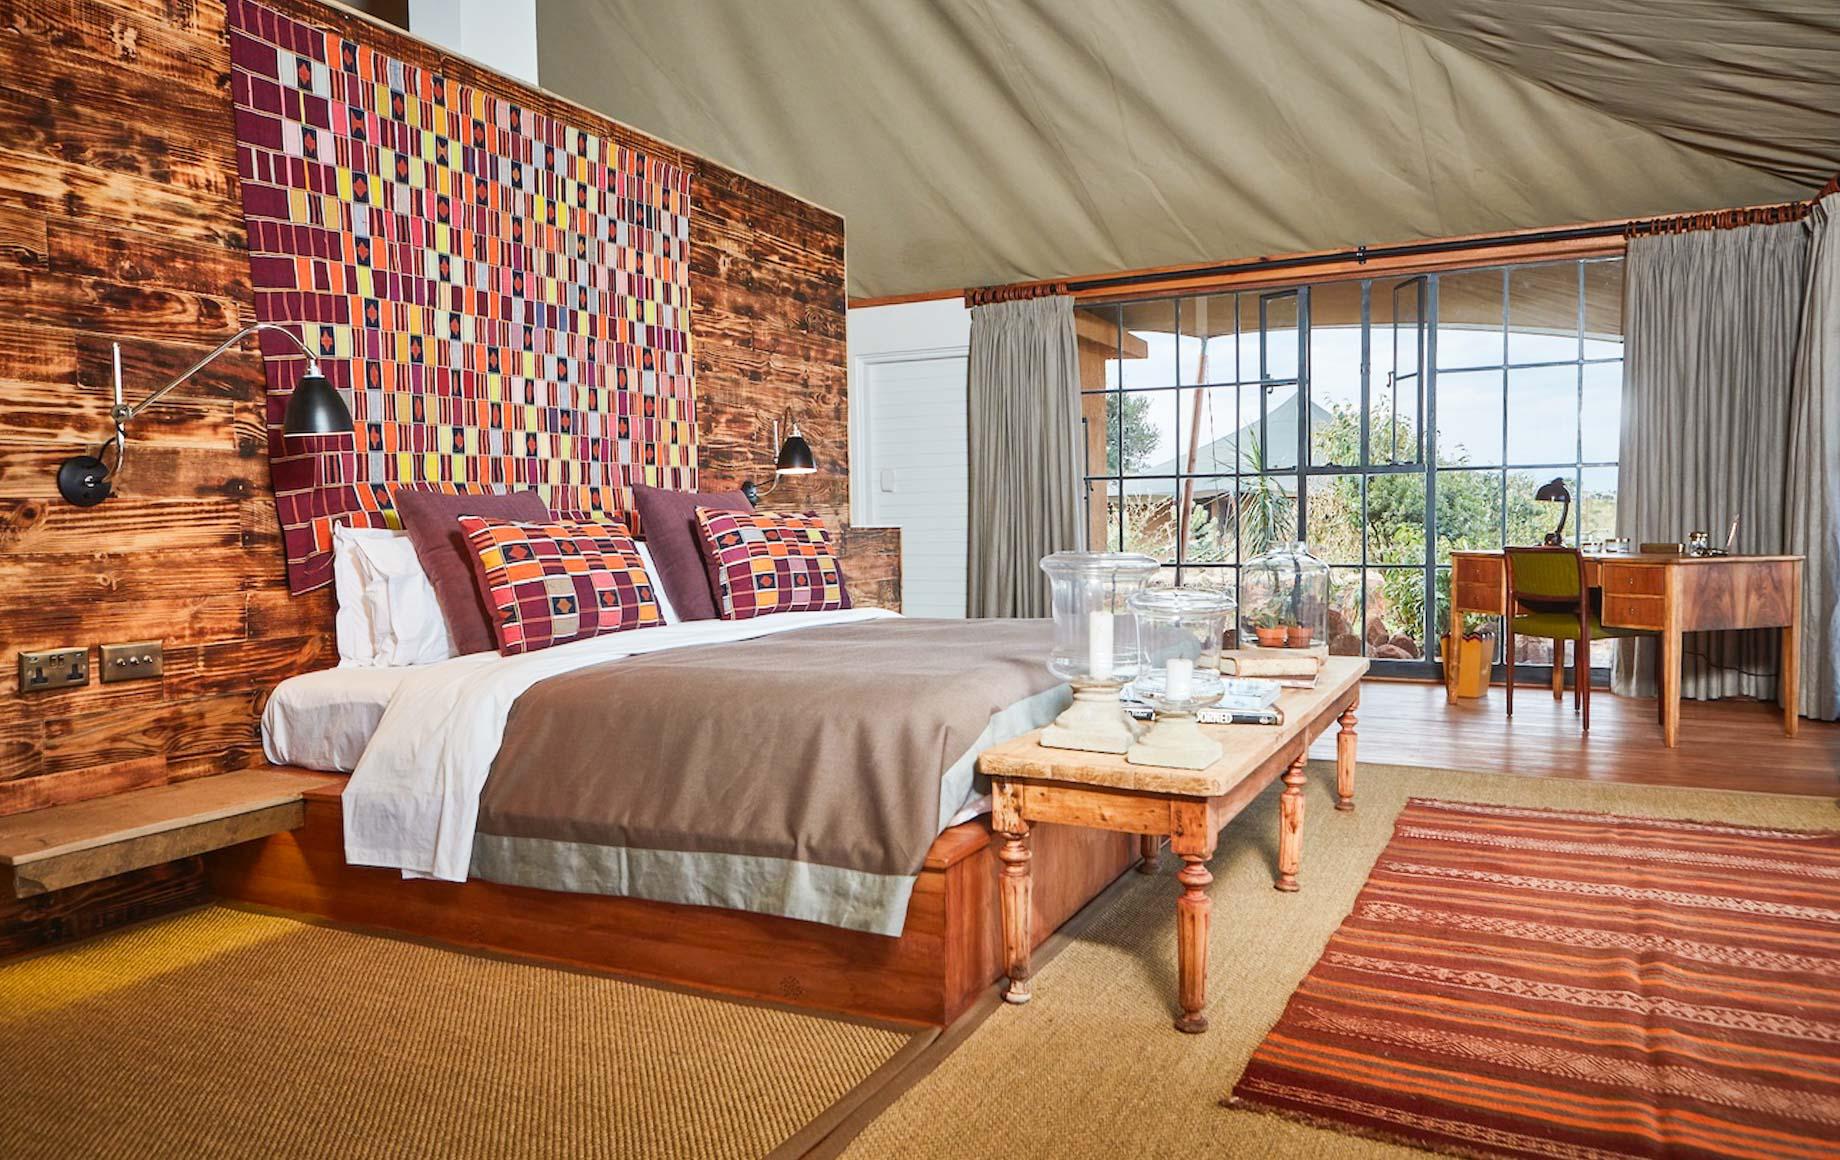 Interior of bedroom at Loisaba Lodo Springs